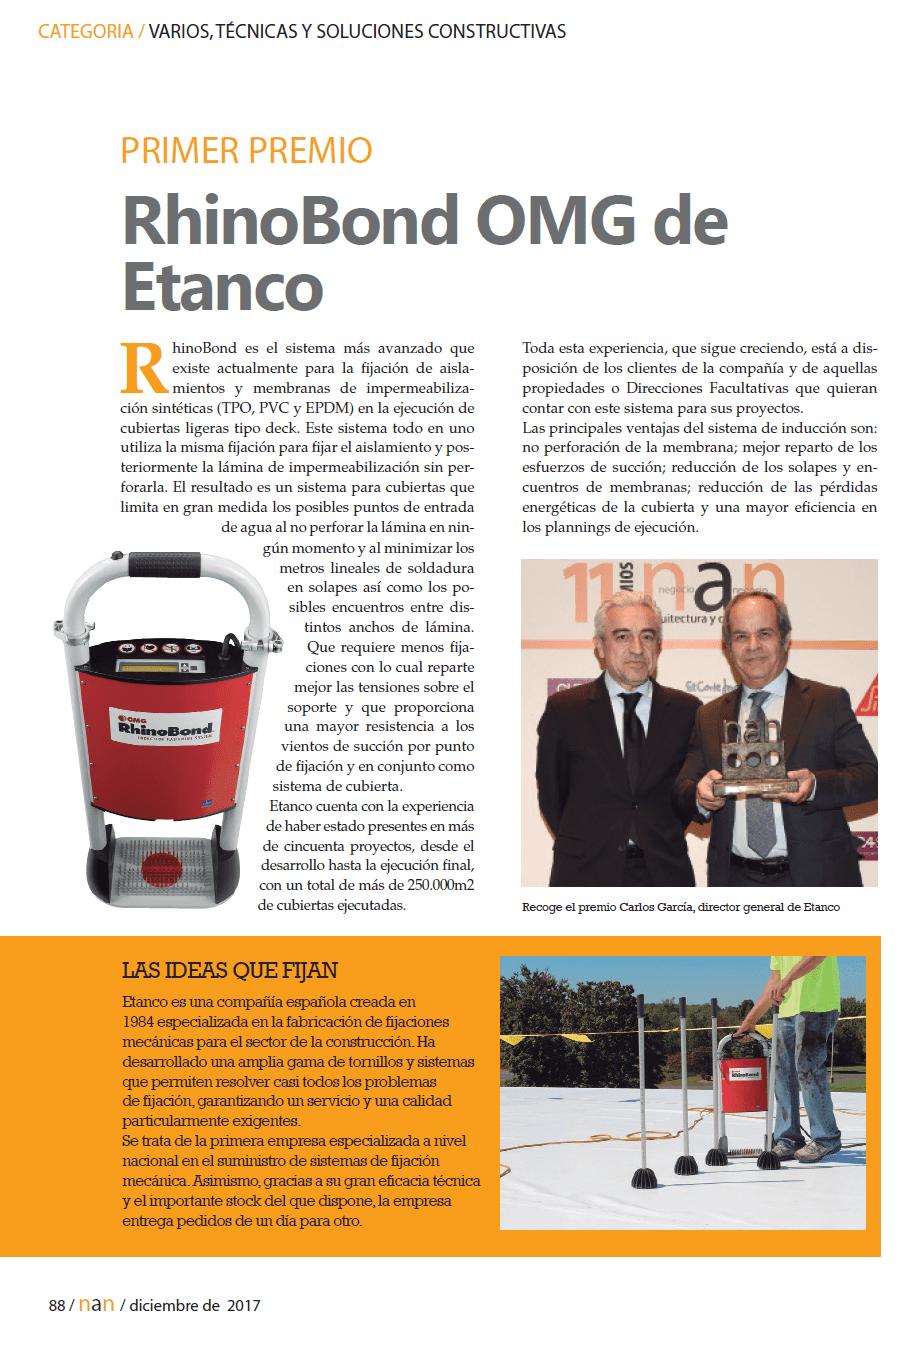 Premio RhinoBond OMG de Etanco